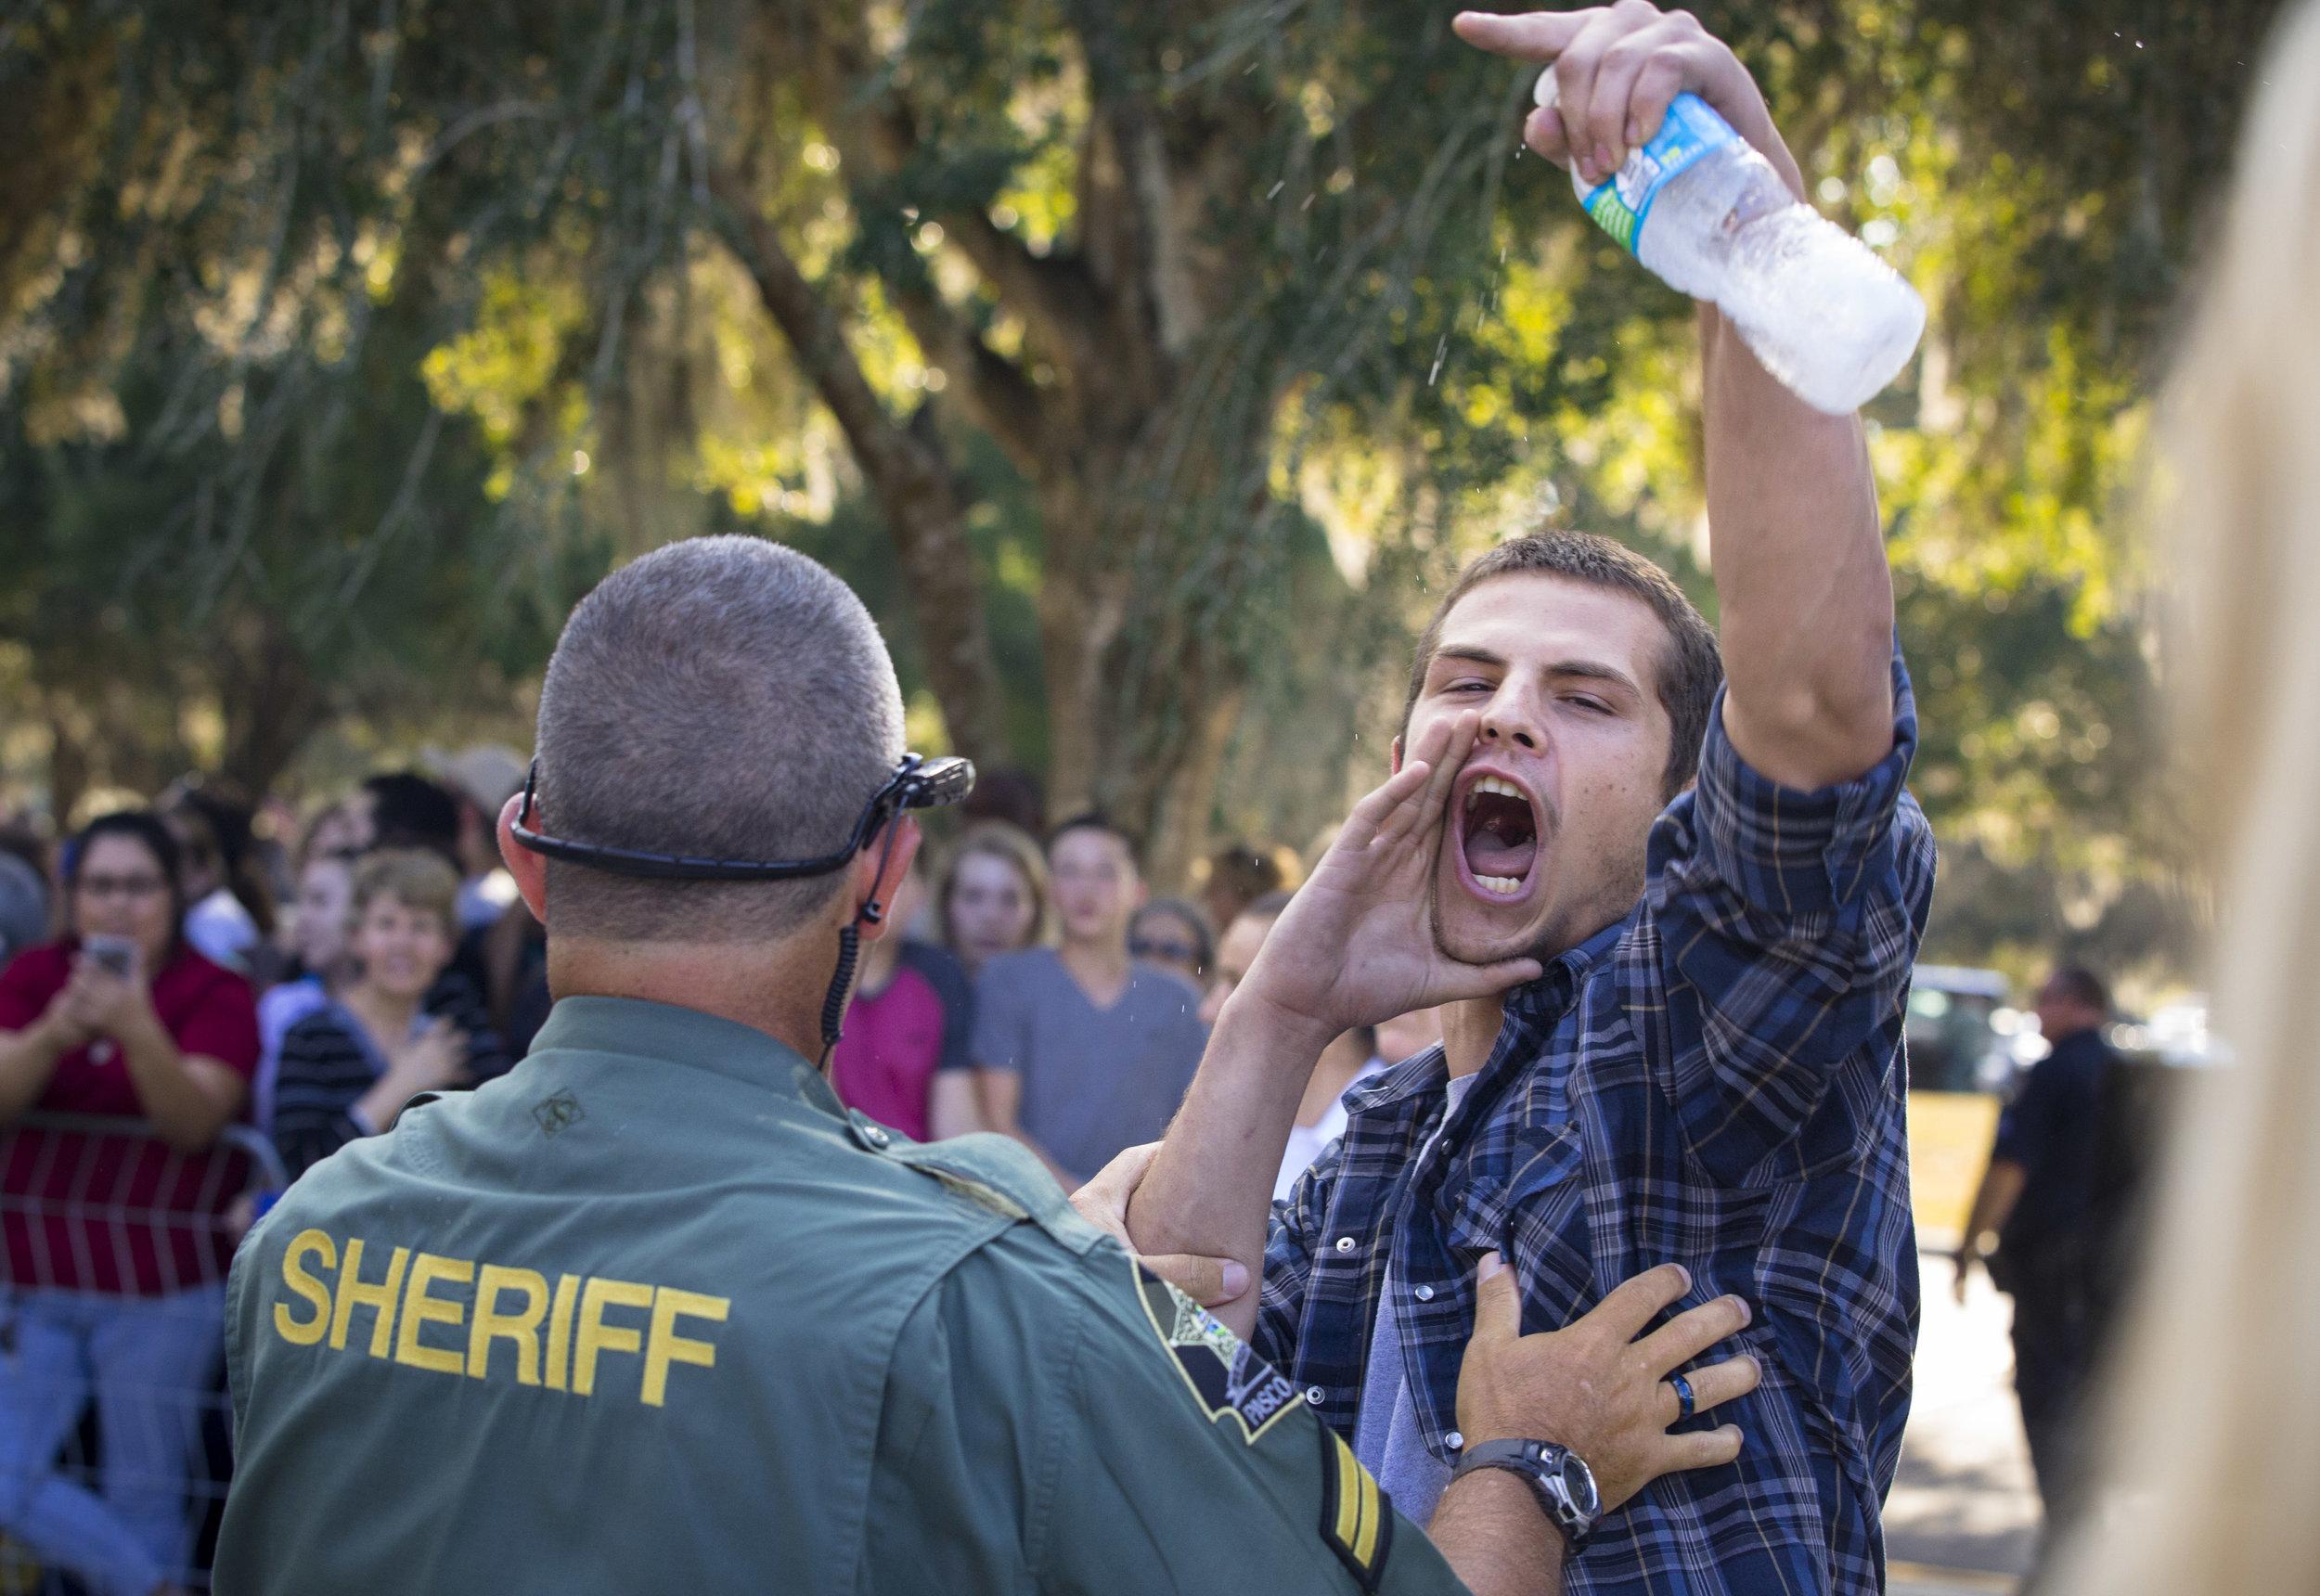 11012016_BJM_Hillary_Clinton_Rally_in_Dade City_Florida_04.jpg